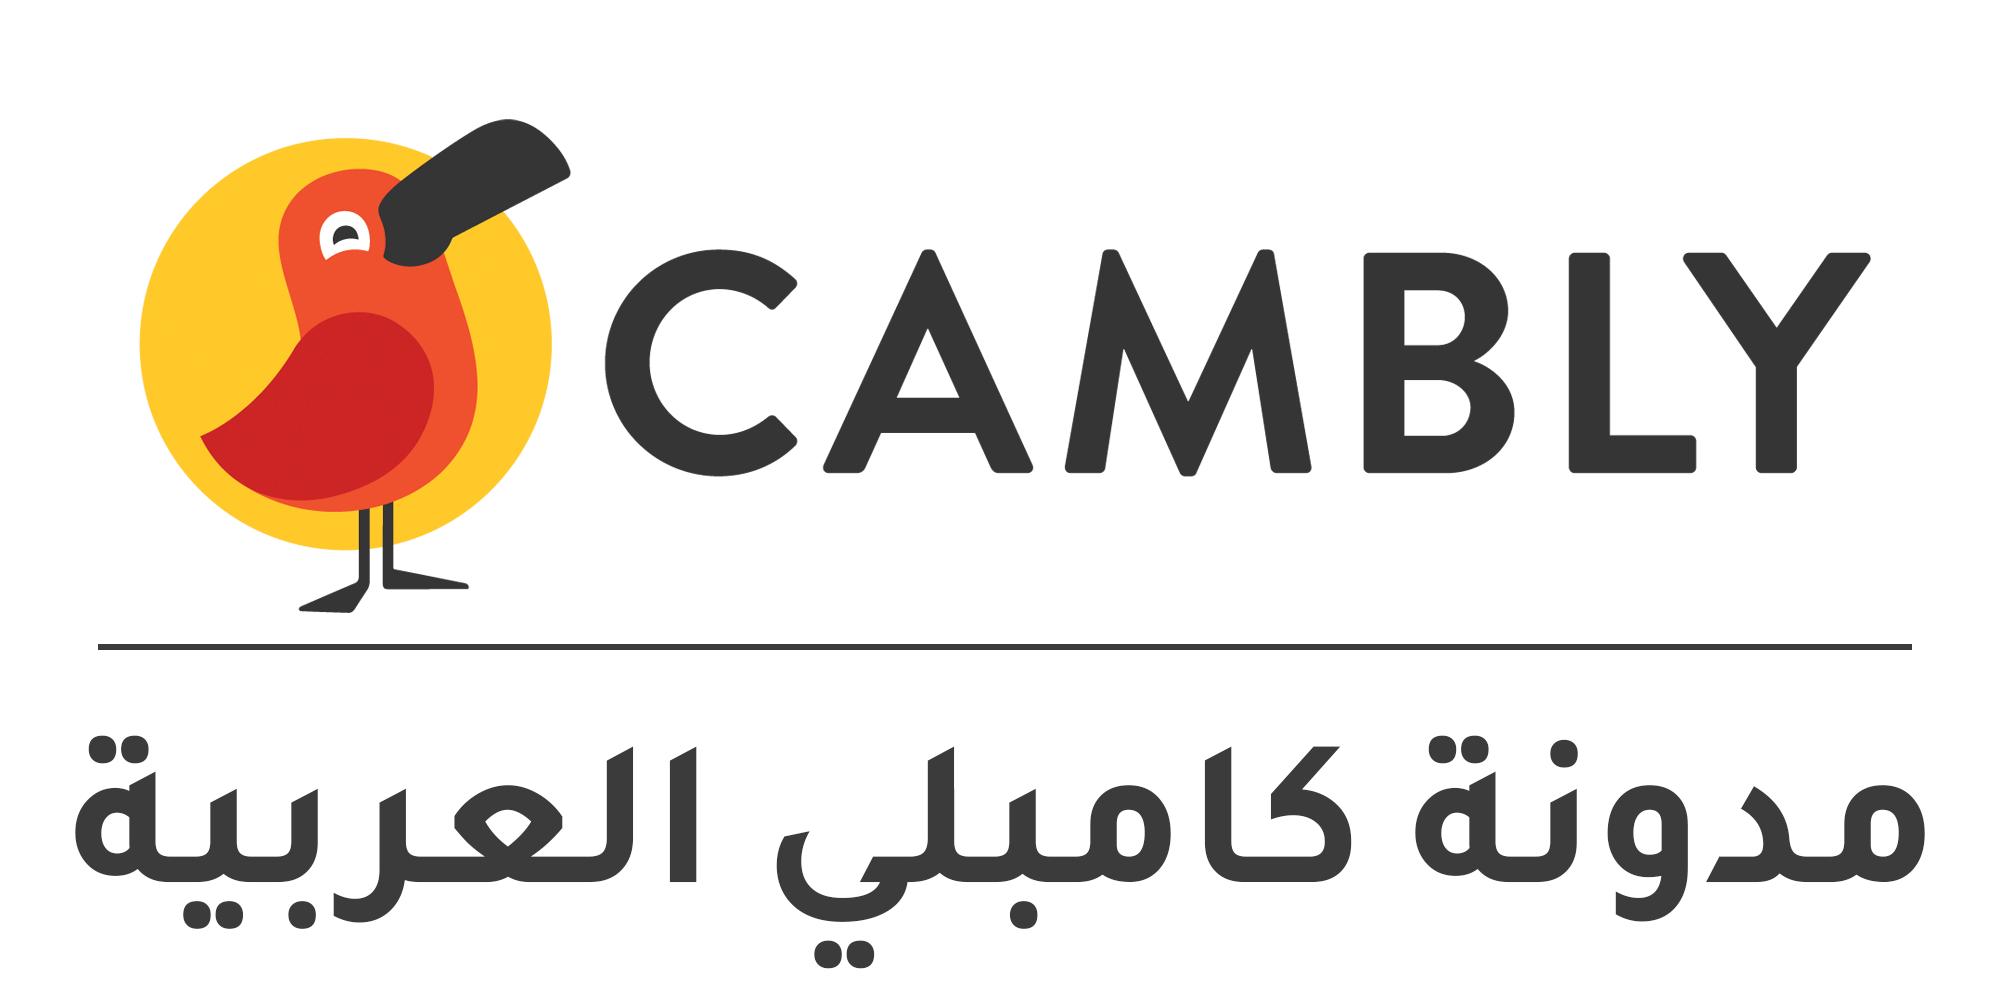 مدونة كامبلي العربية | Cambly Arabic Blog